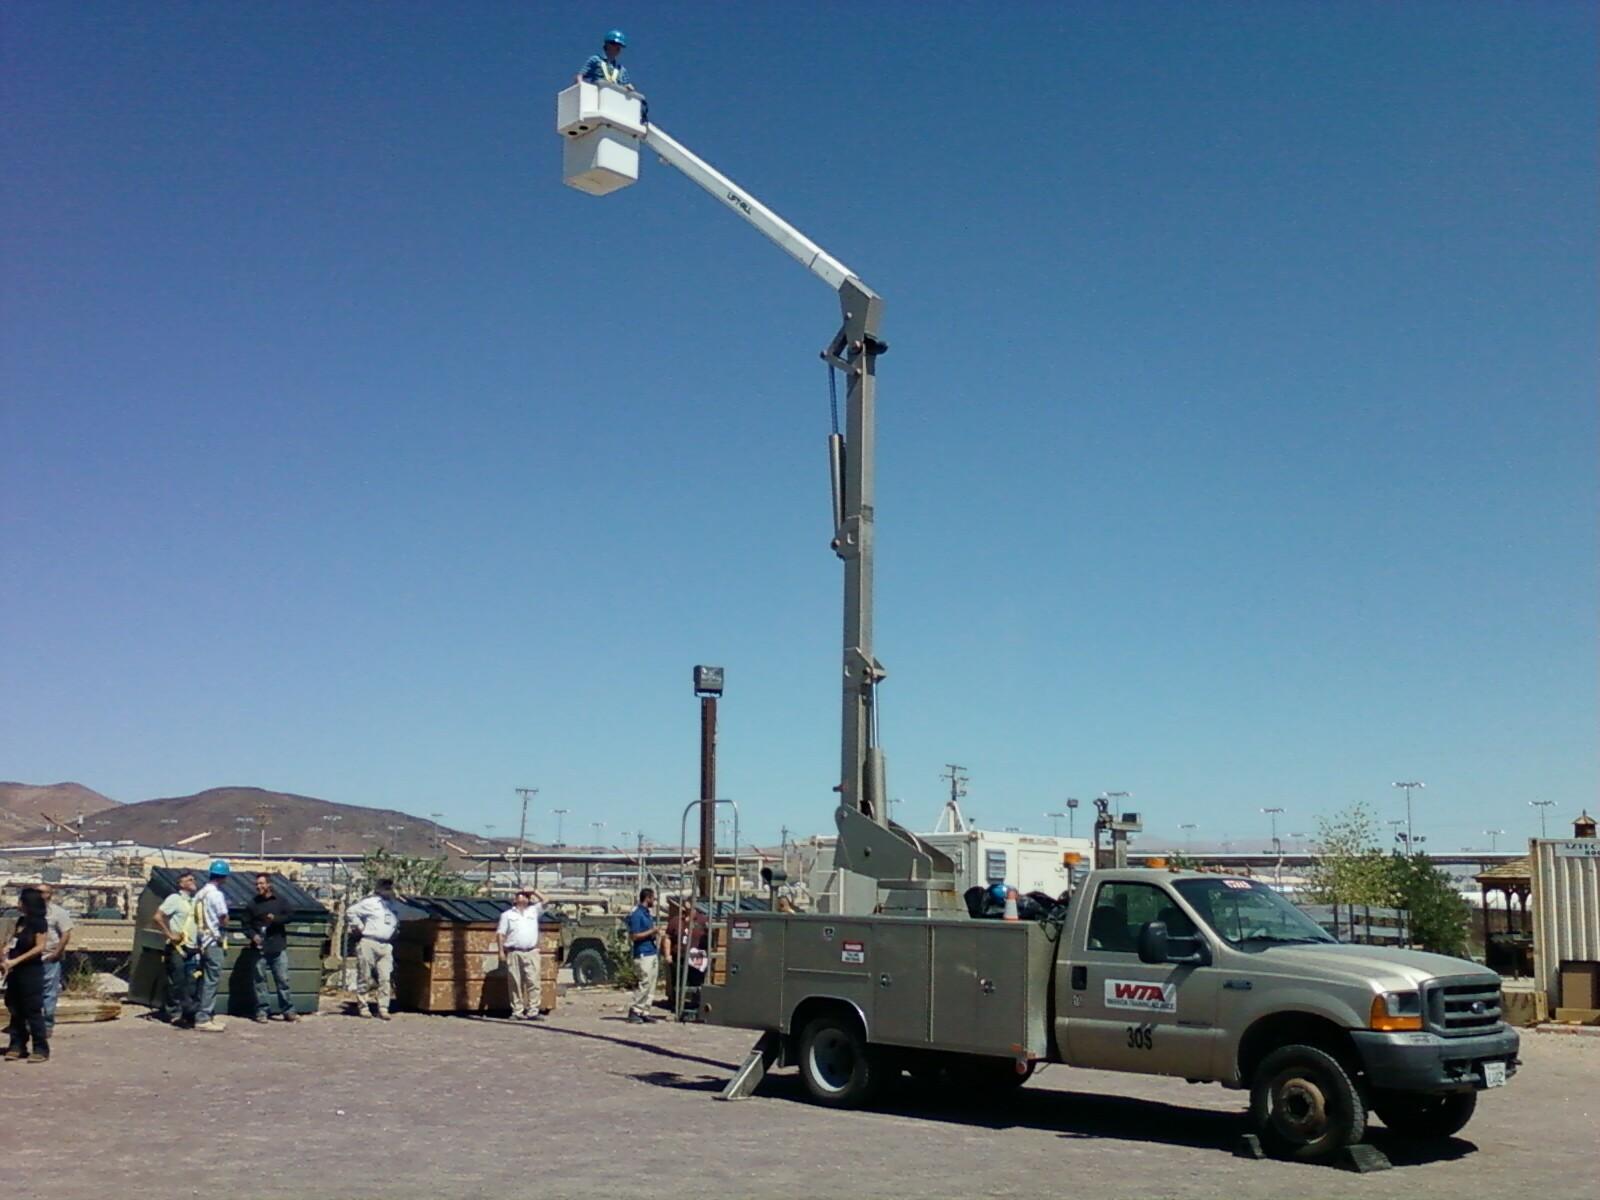 Raytheon's Liftall Bucket truck inspection in the desert